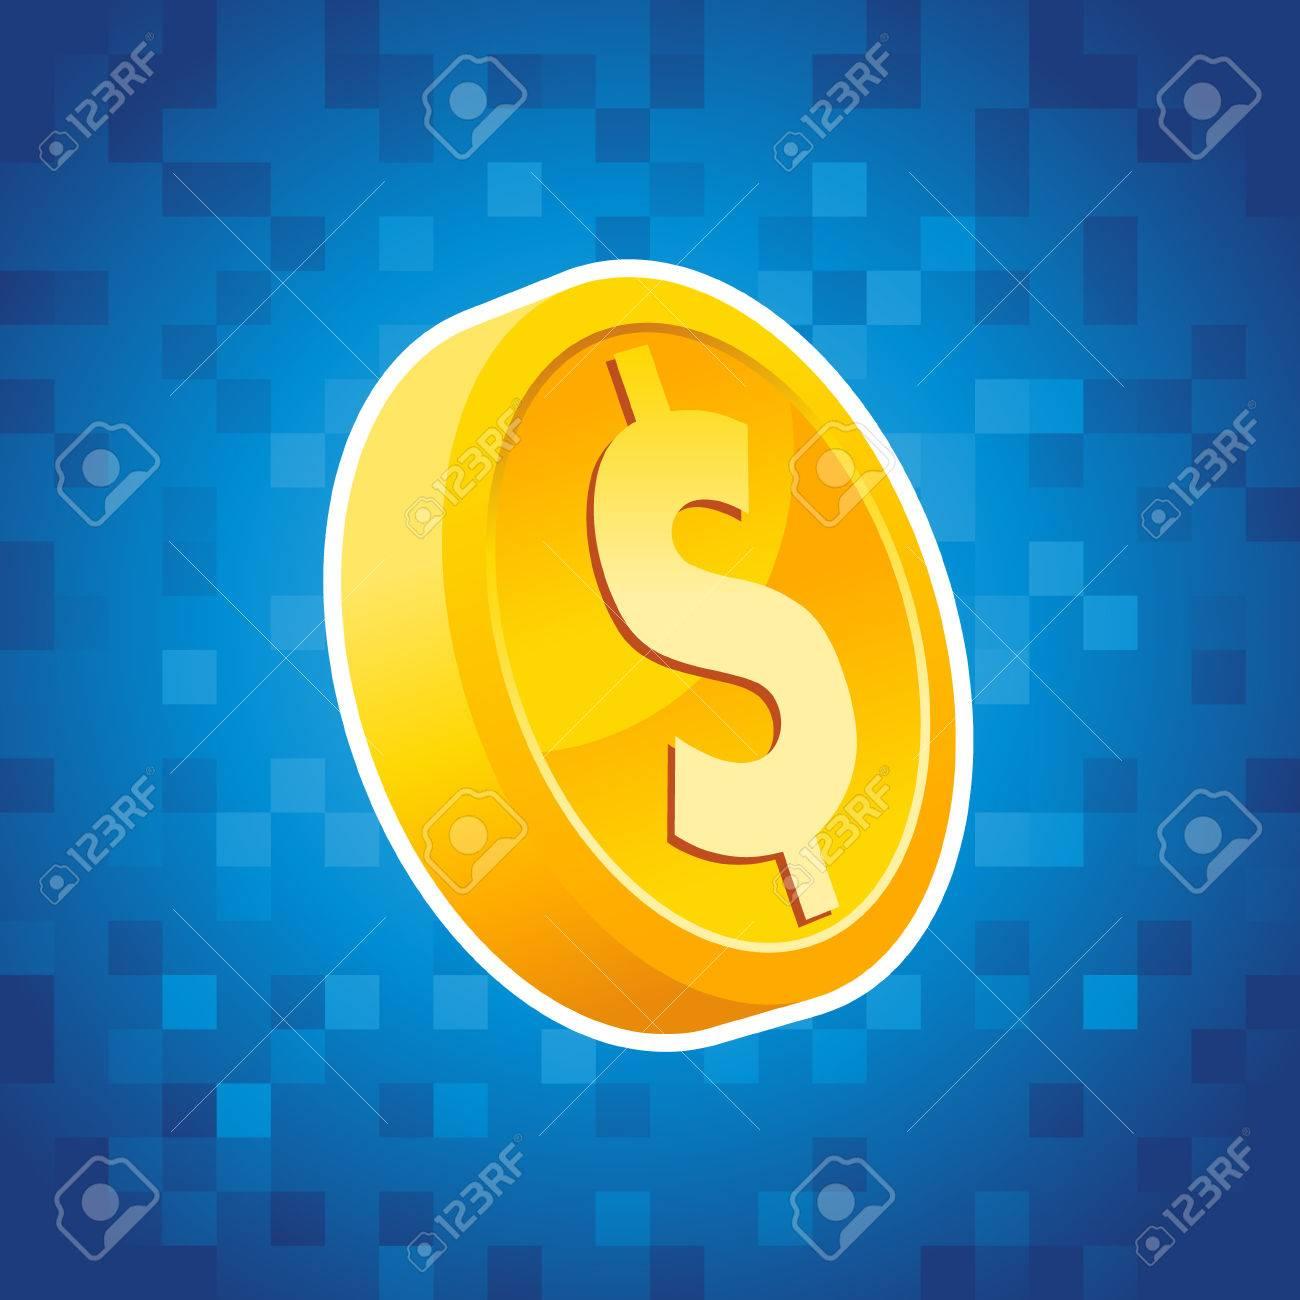 Gold Dollar Münze Auf Blauem Hintergrund Pixel Lizenzfrei Nutzbare